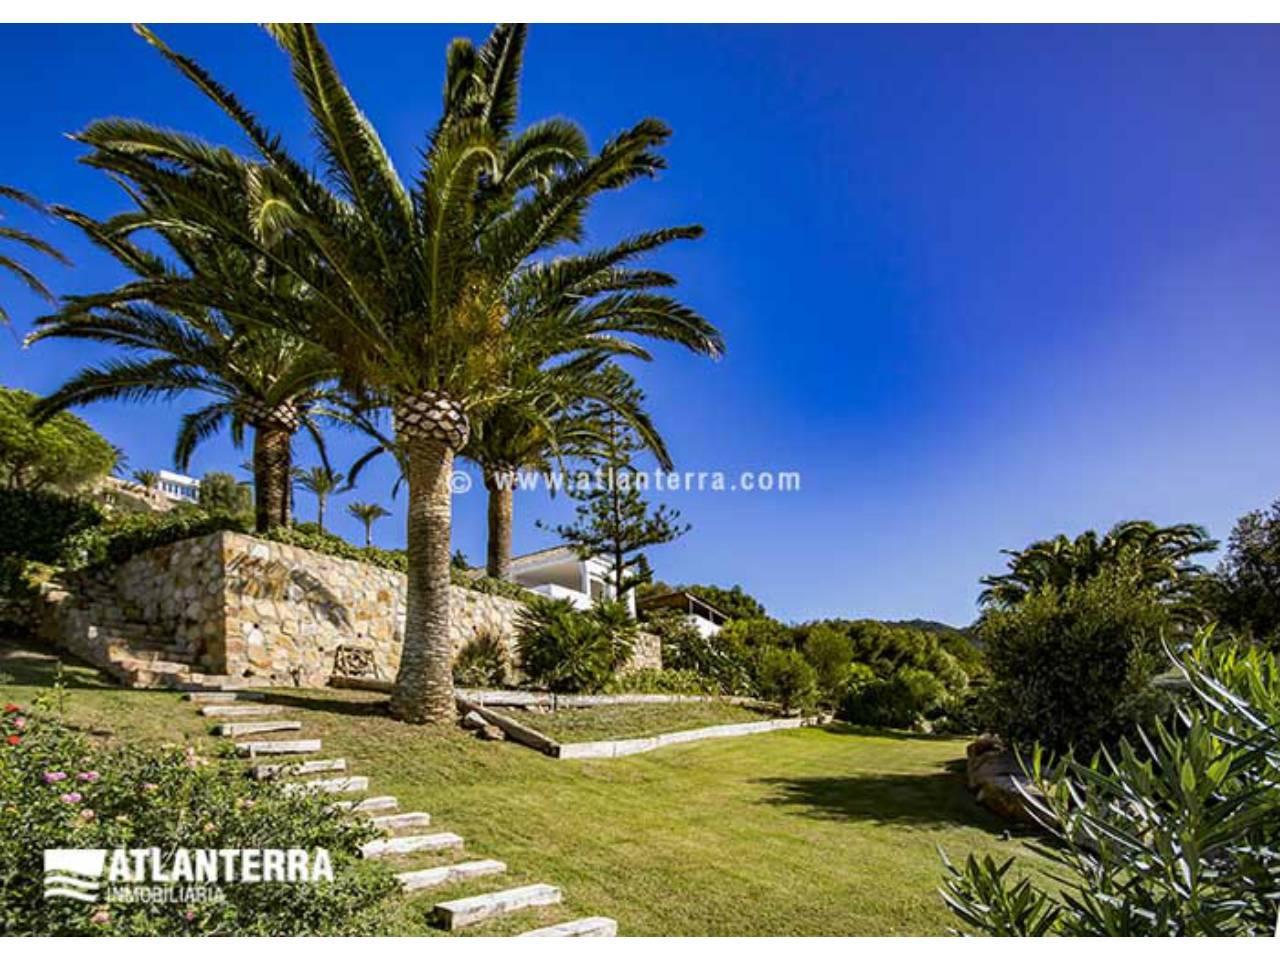 25885350 3170057 foto 228395 - Estilo rústico, privacidad y vistas maravillosas en esta villa en Zahara de los Atunes (Cádiz)